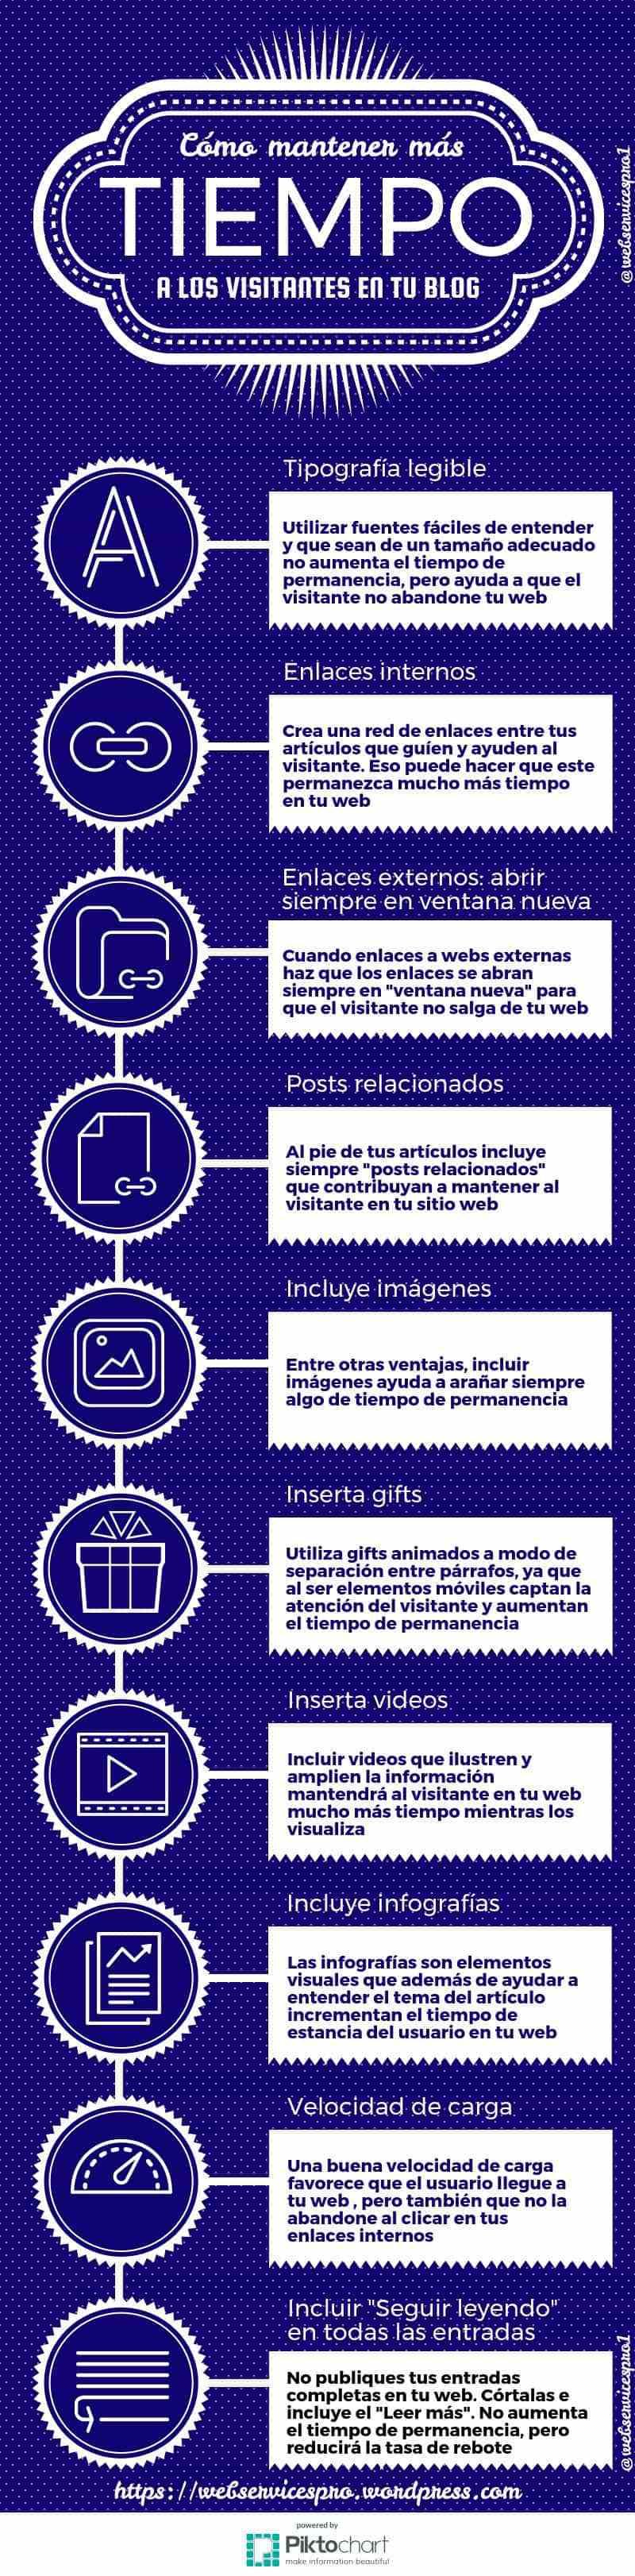 Cómo mantener más tiempo a los visitantes de tu Blog #infografia #infographic #socialmedia